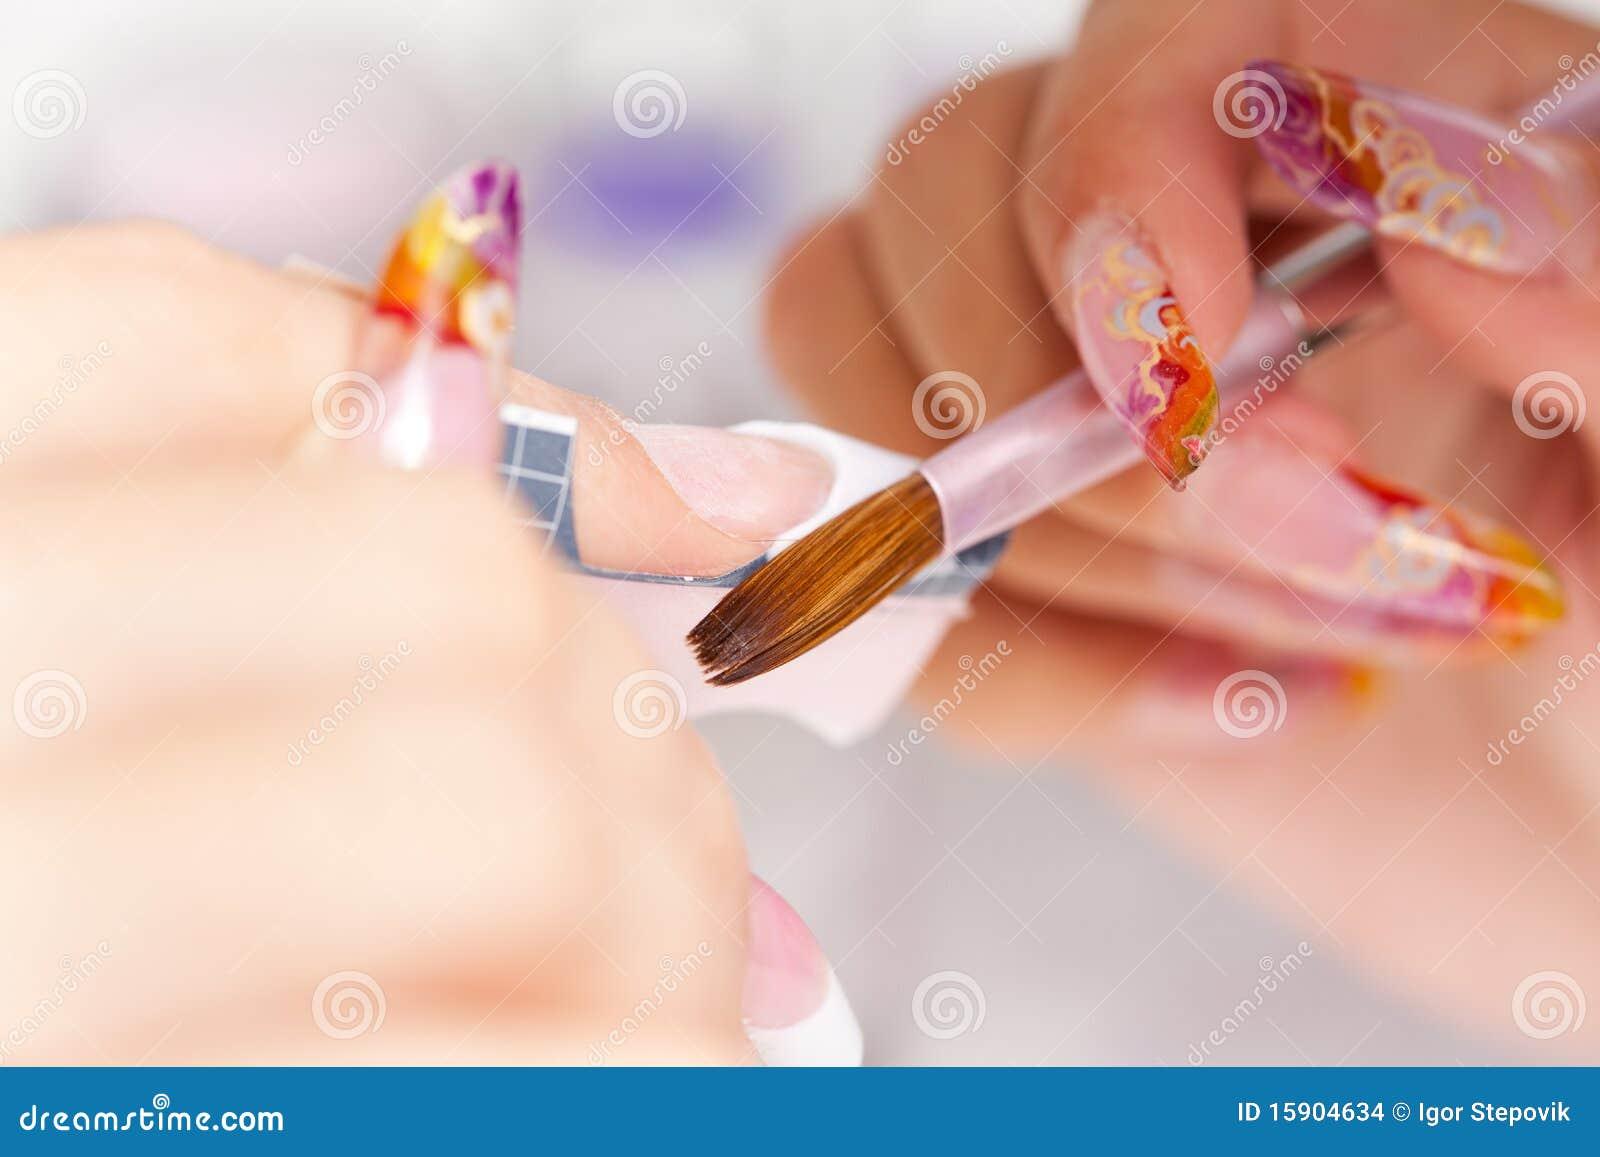 Картинки всё для маникюра и наращивания ногтей